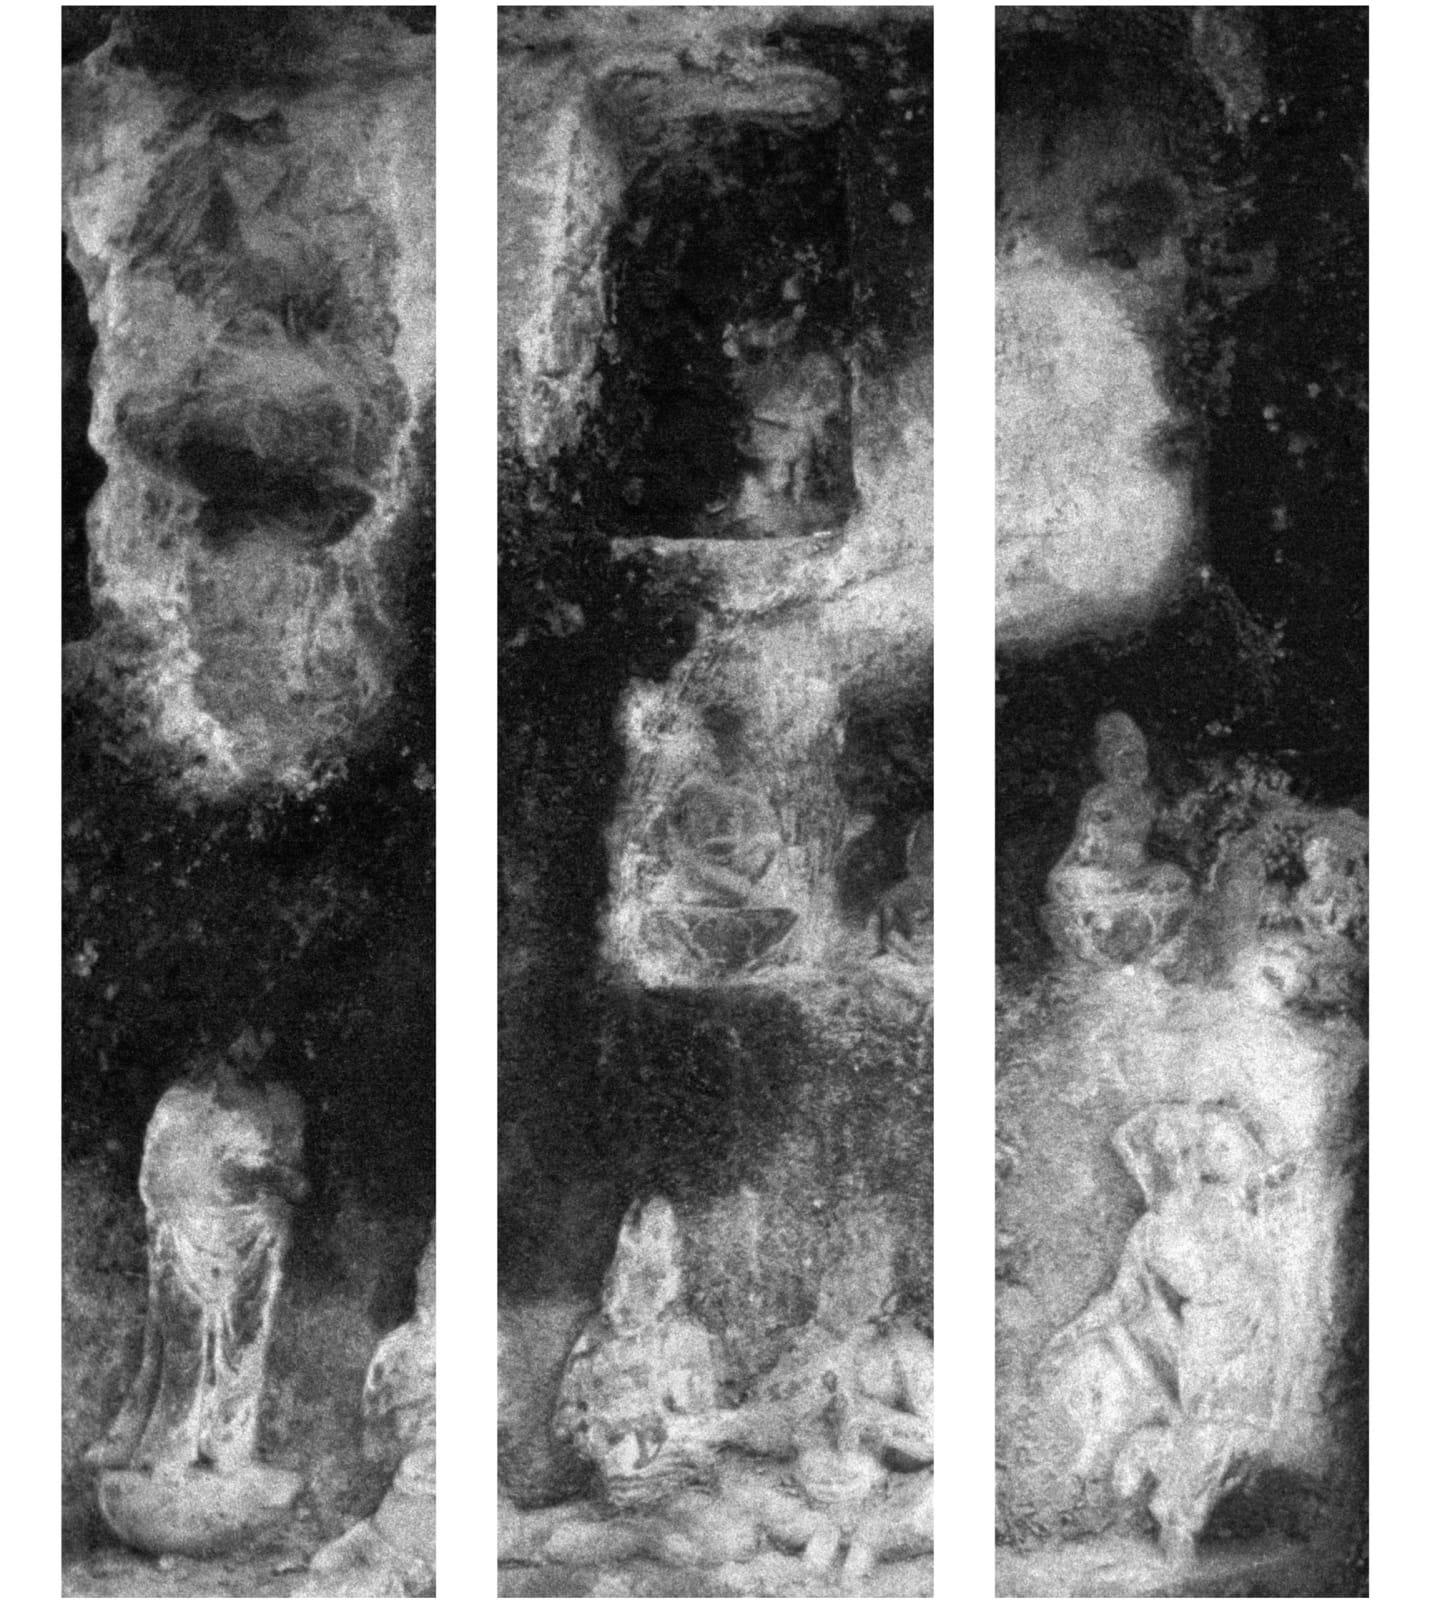 Michael Cherney 秋麦, Shadow Curtains #2 (Longmen) 影幔#2(龙门), 2007